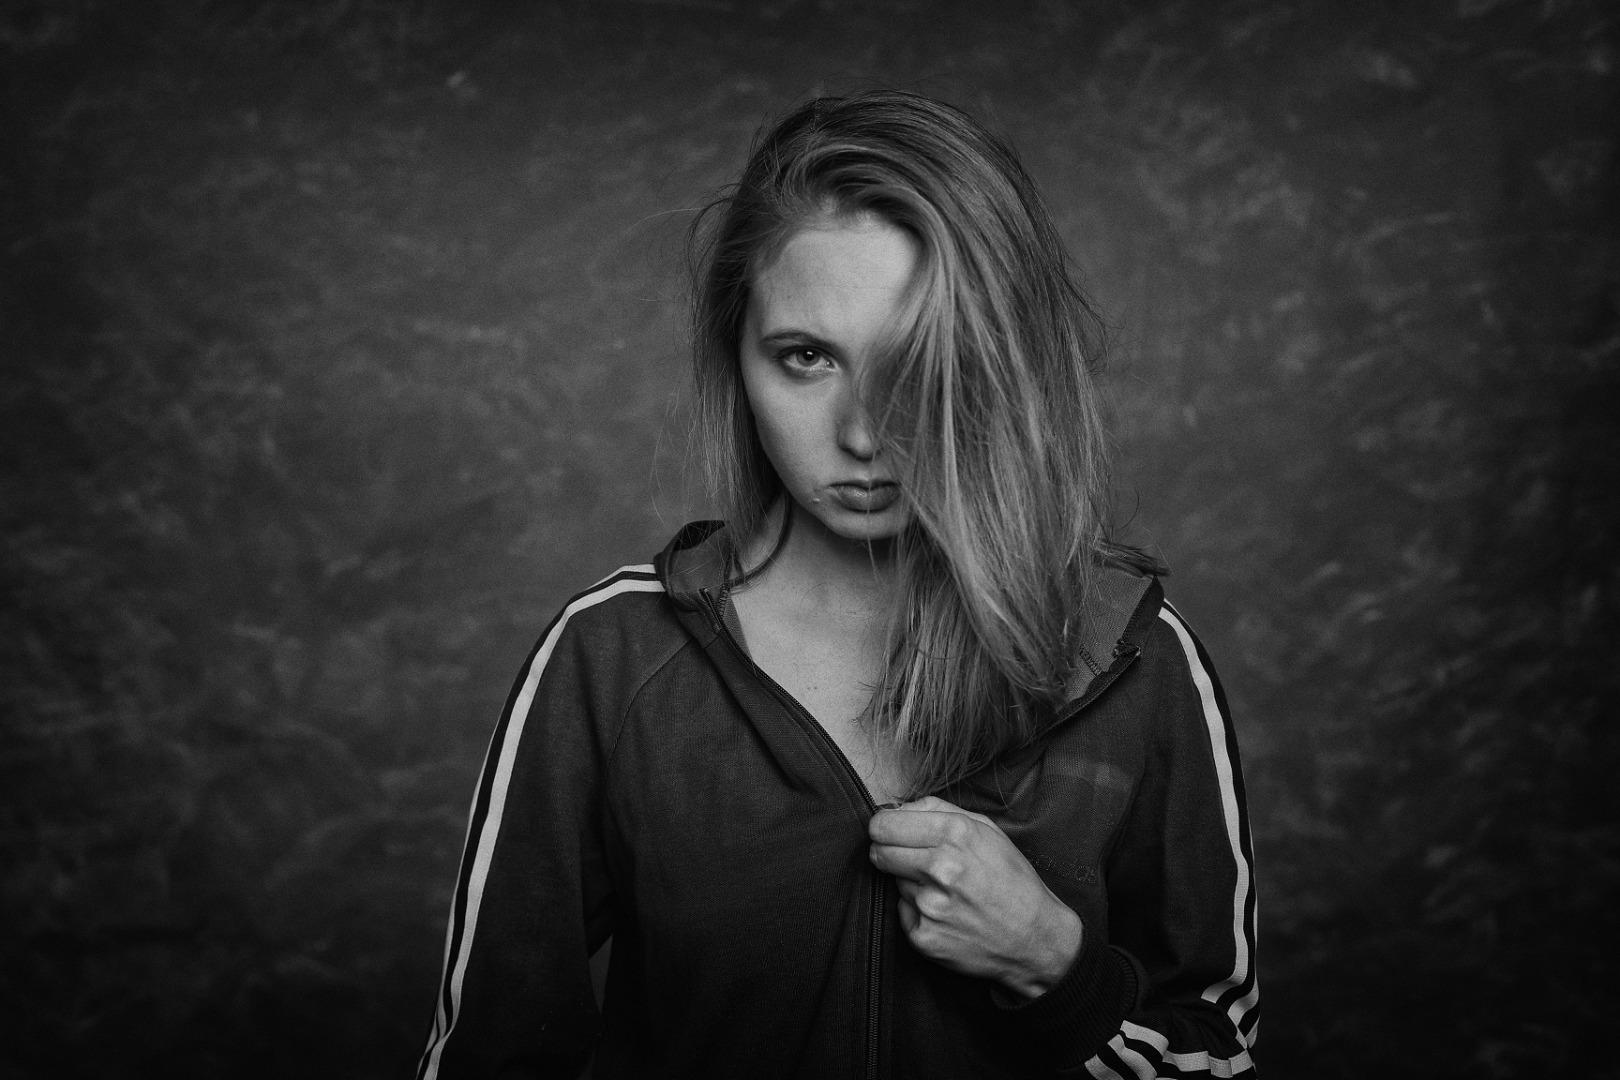 """Justyna Wasilewska, Nominacja w kategorii Teatr, fot. ⓒ """"Polityka"""", Leszek Zych, 2015 (źródło: materiały prasowe organizatora)"""